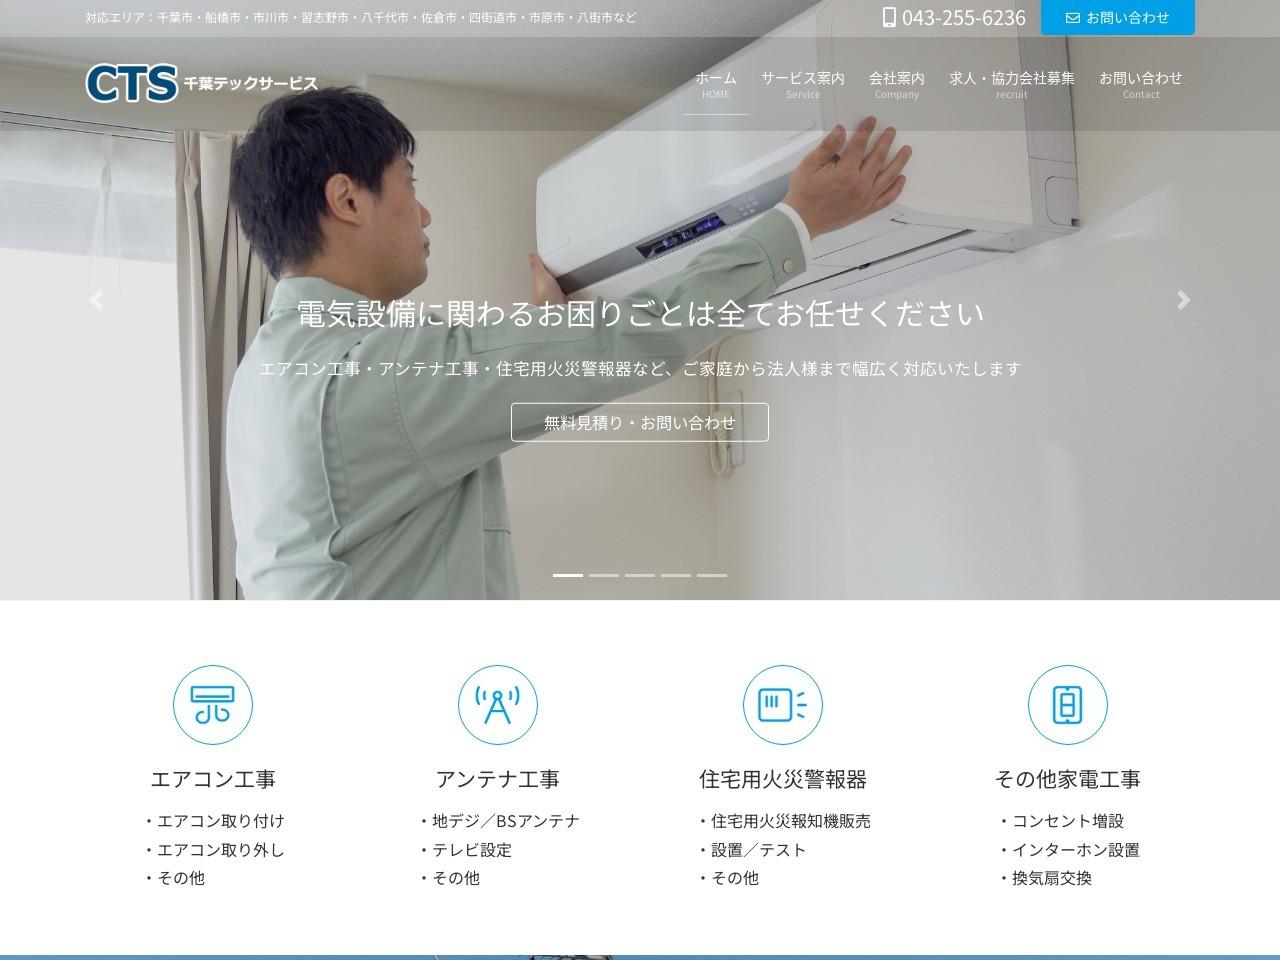 株式会社千葉テックサービス